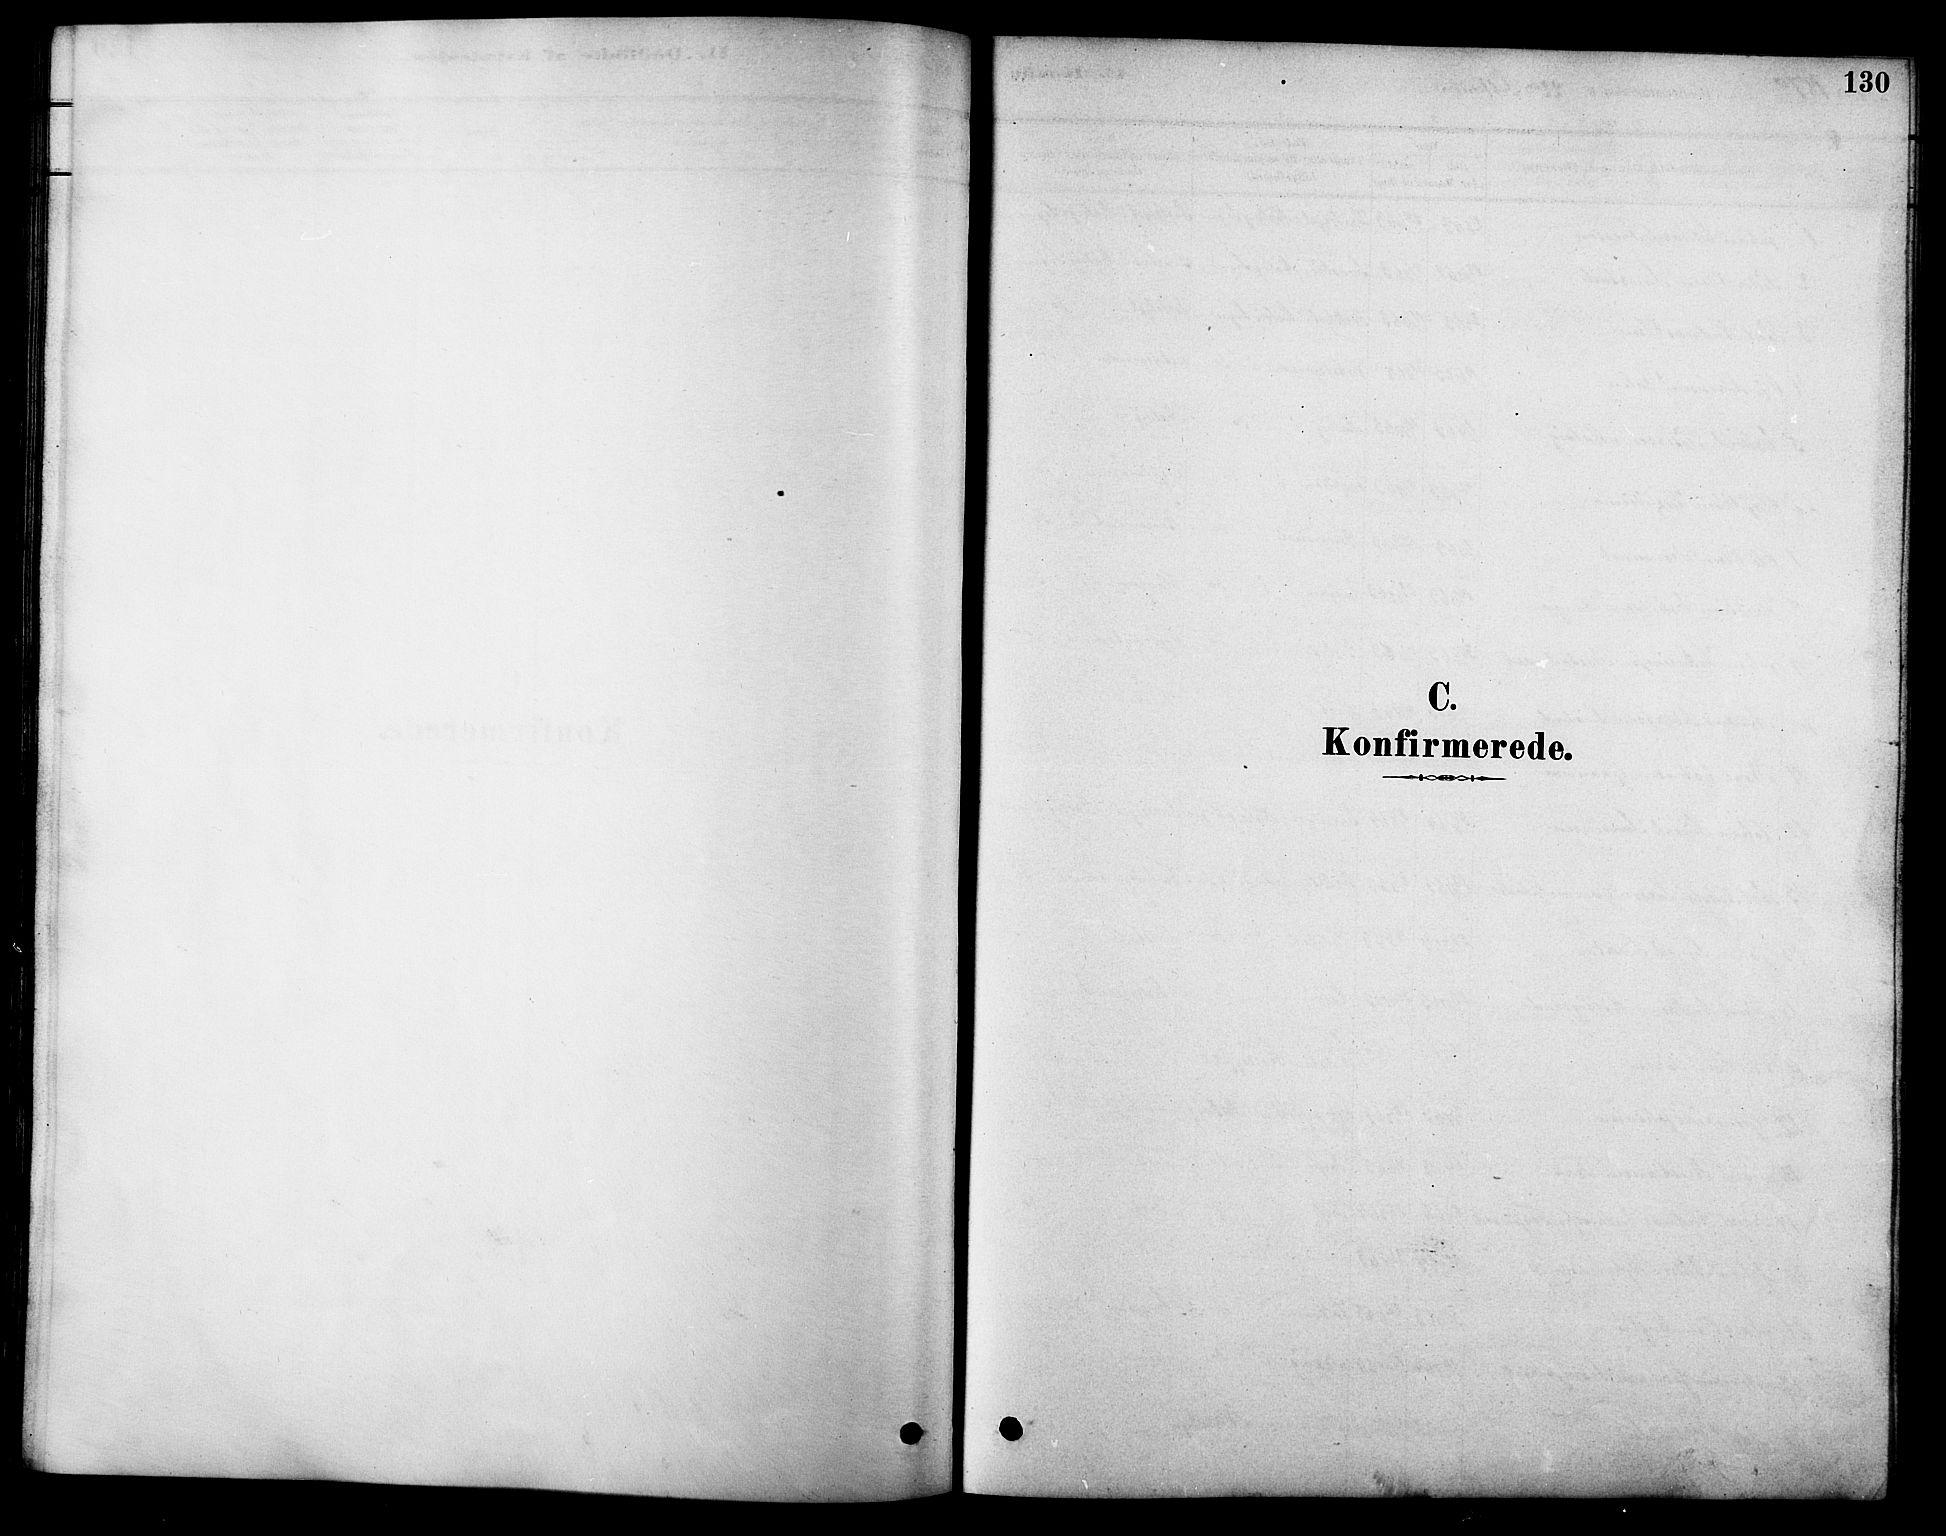 SAT, Ministerialprotokoller, klokkerbøker og fødselsregistre - Sør-Trøndelag, 616/L0423: Klokkerbok nr. 616C06, 1878-1903, s. 130